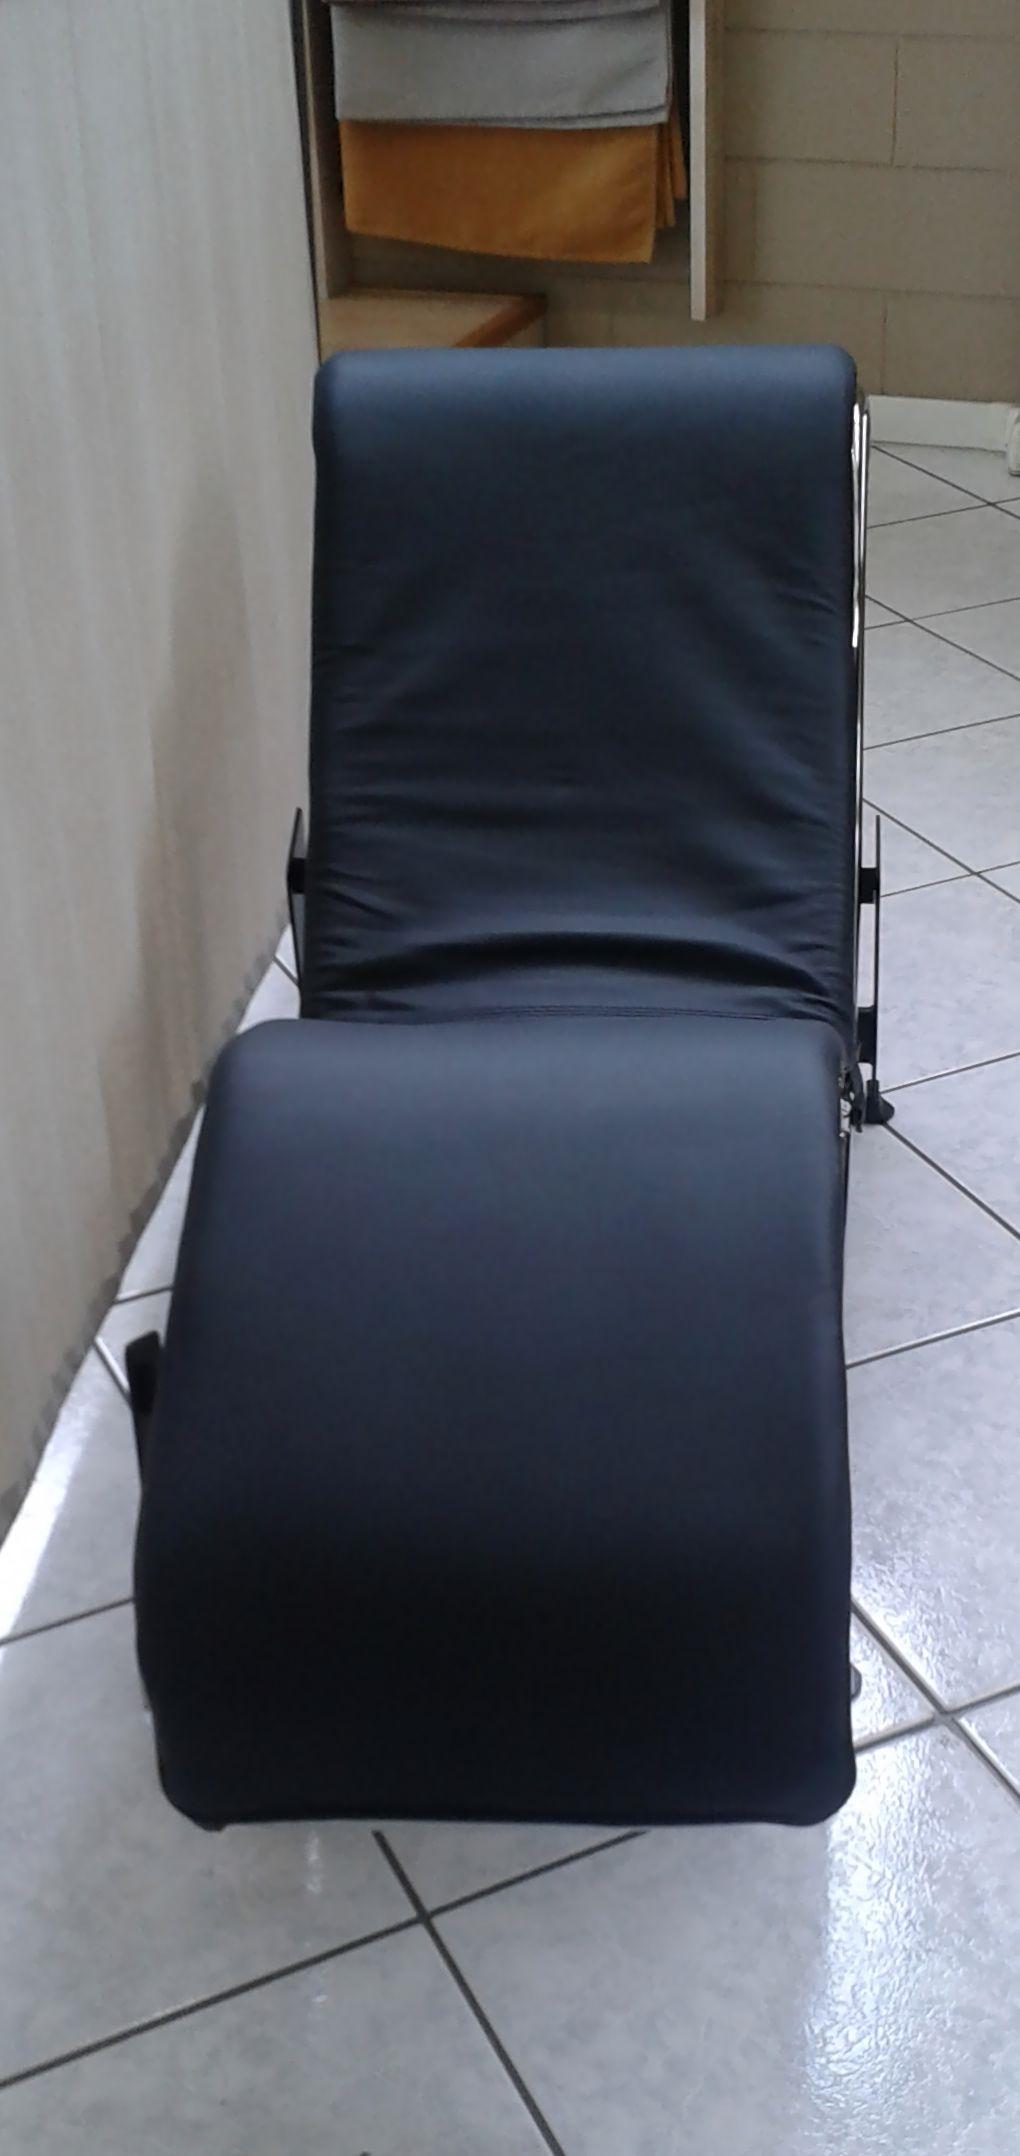 Chaise longue tiffany in promozione divani a prezzi scontati for Divani in promozione